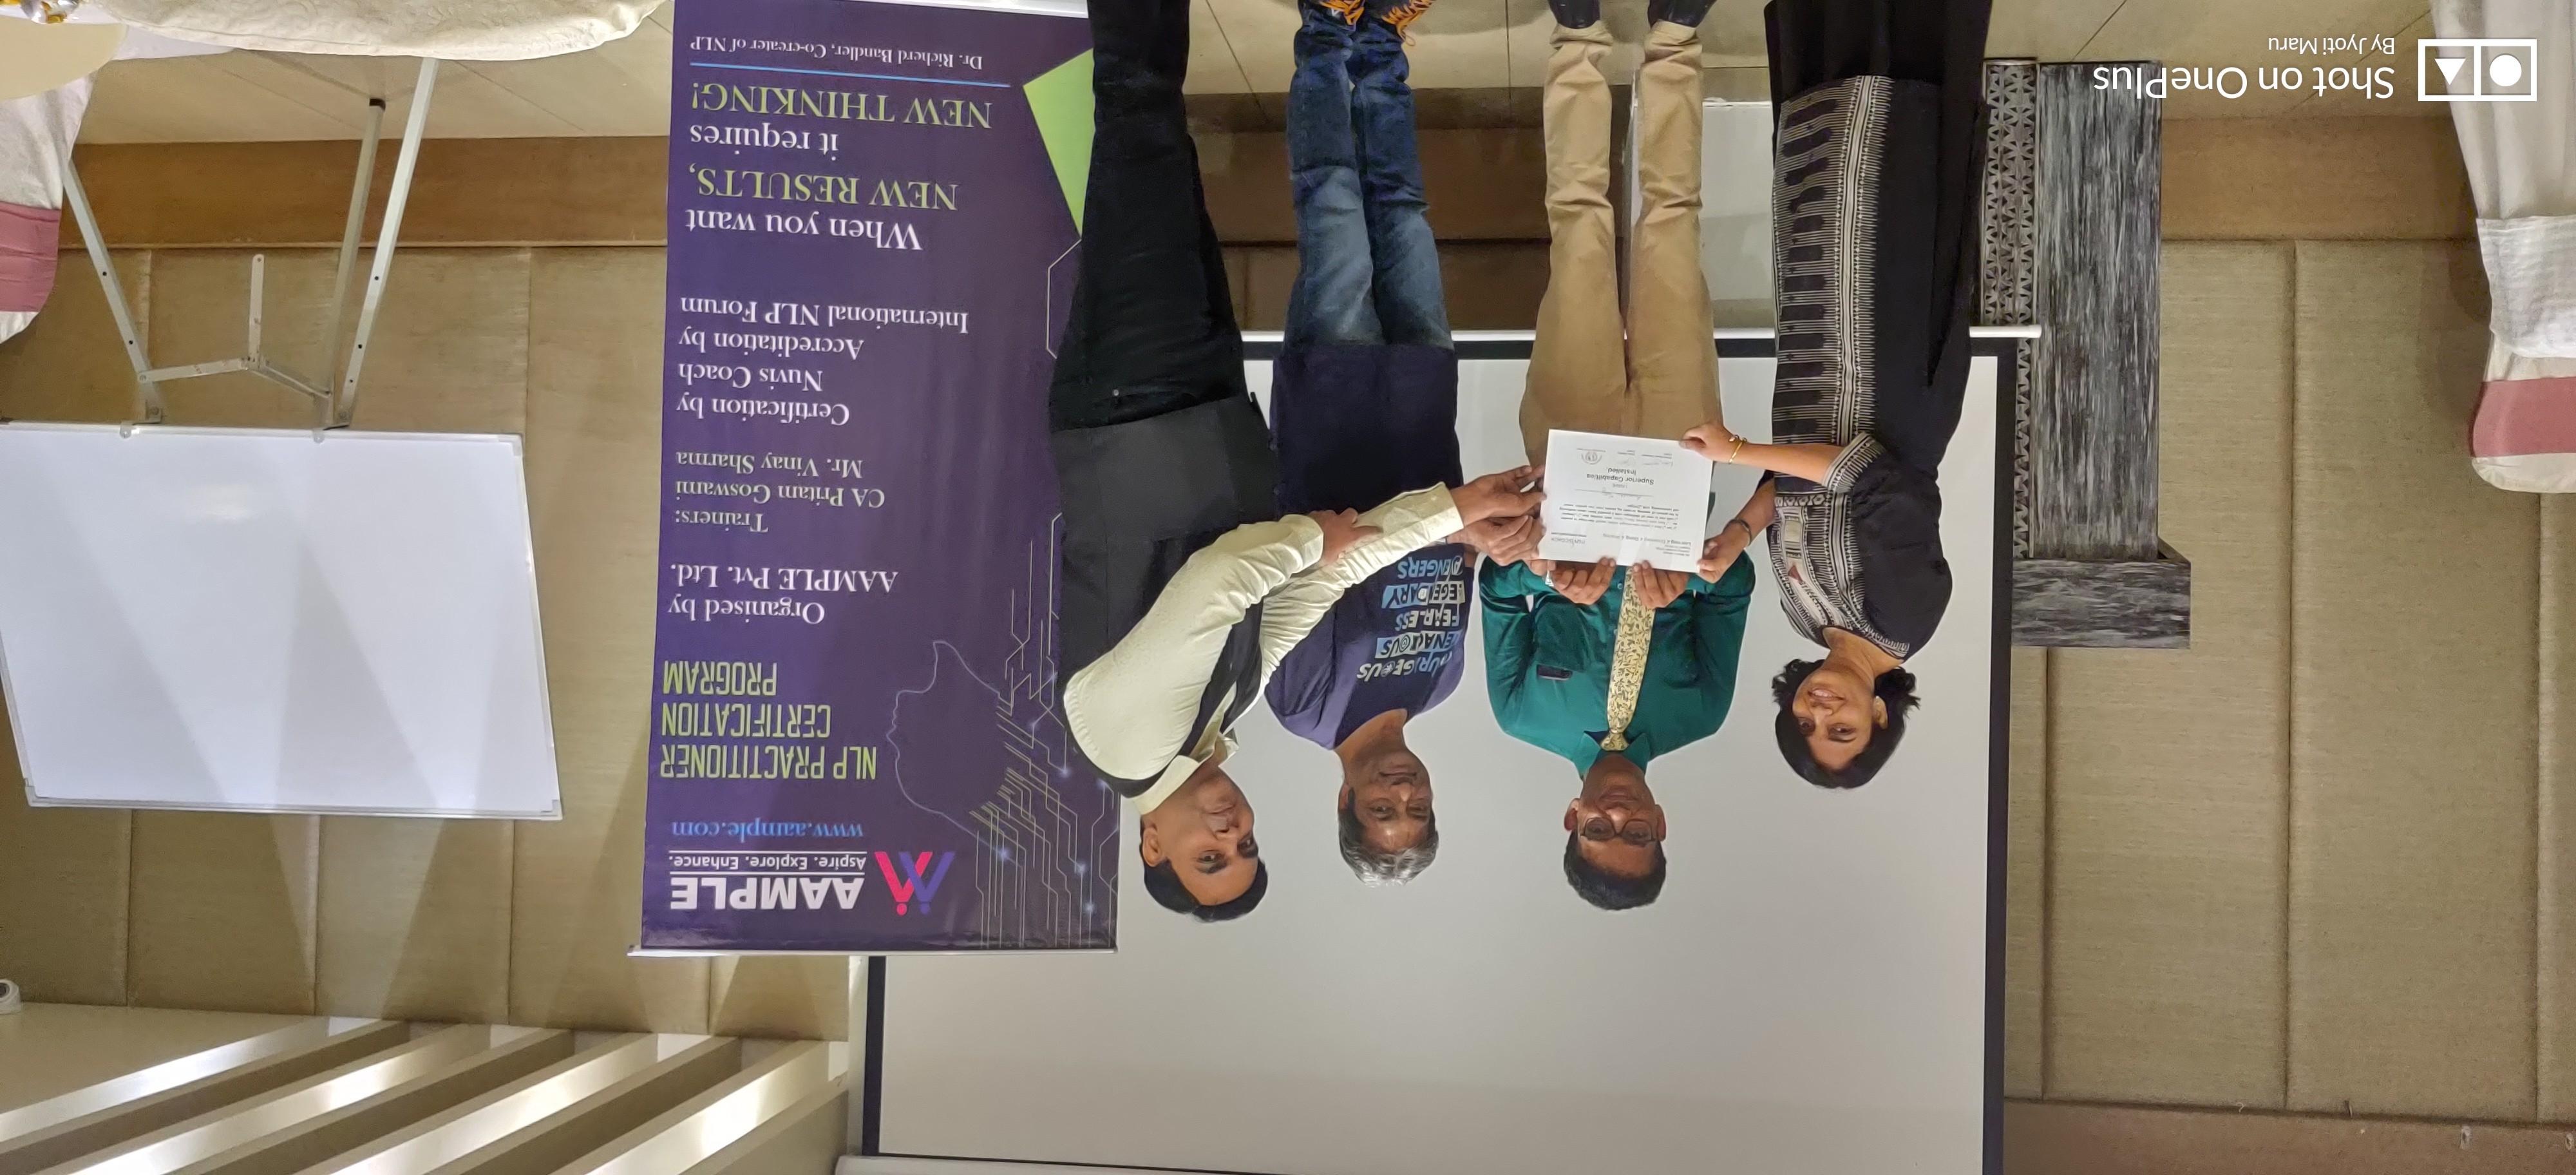 NLP Practitioner certificate in Vadodara